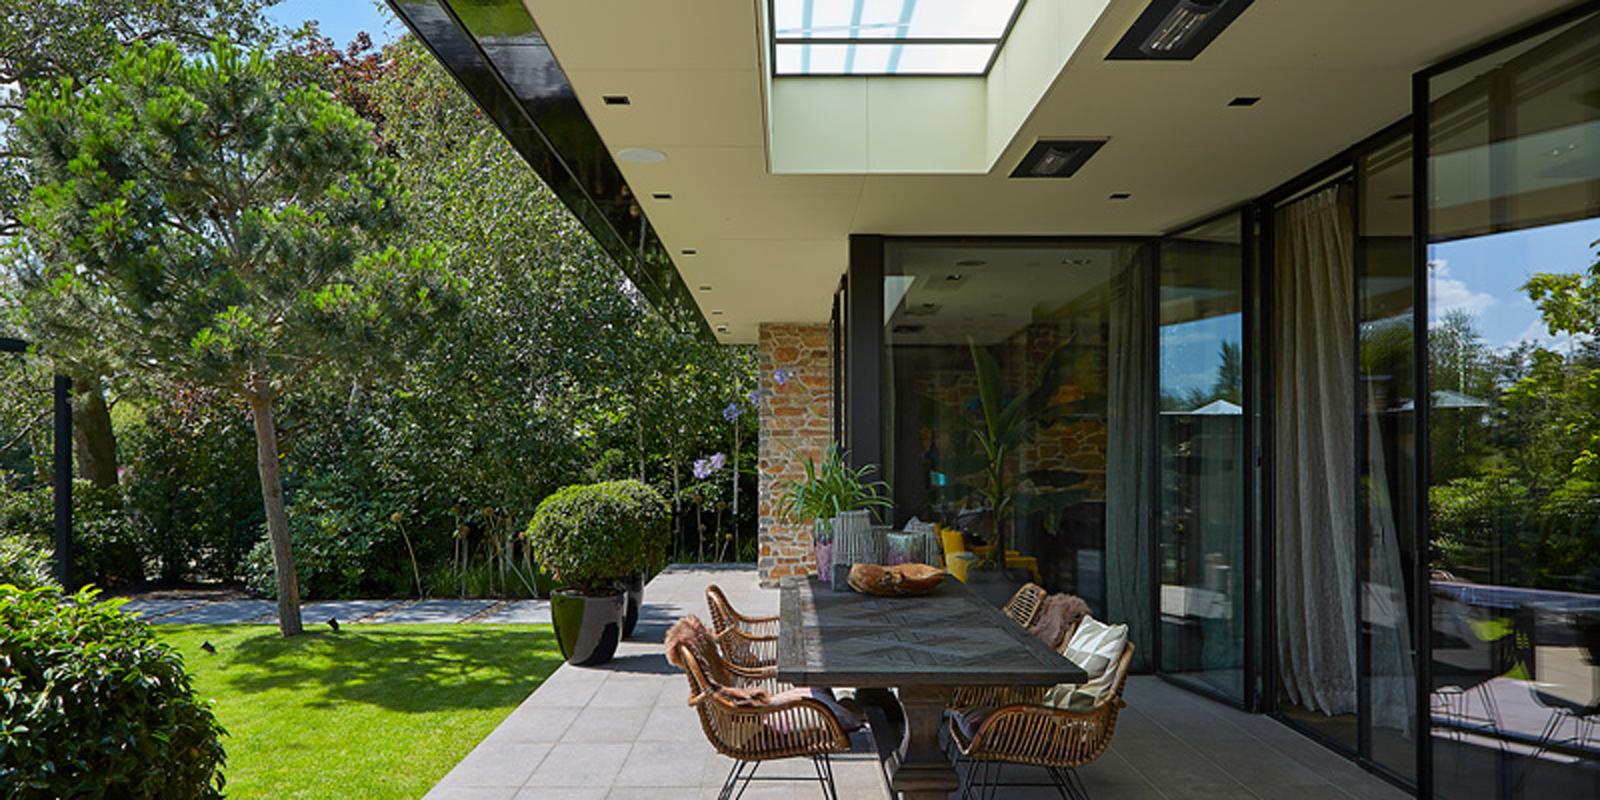 terrasoverkapping, Weinor, Tuin, tuindesign, terras, genieten, buiten